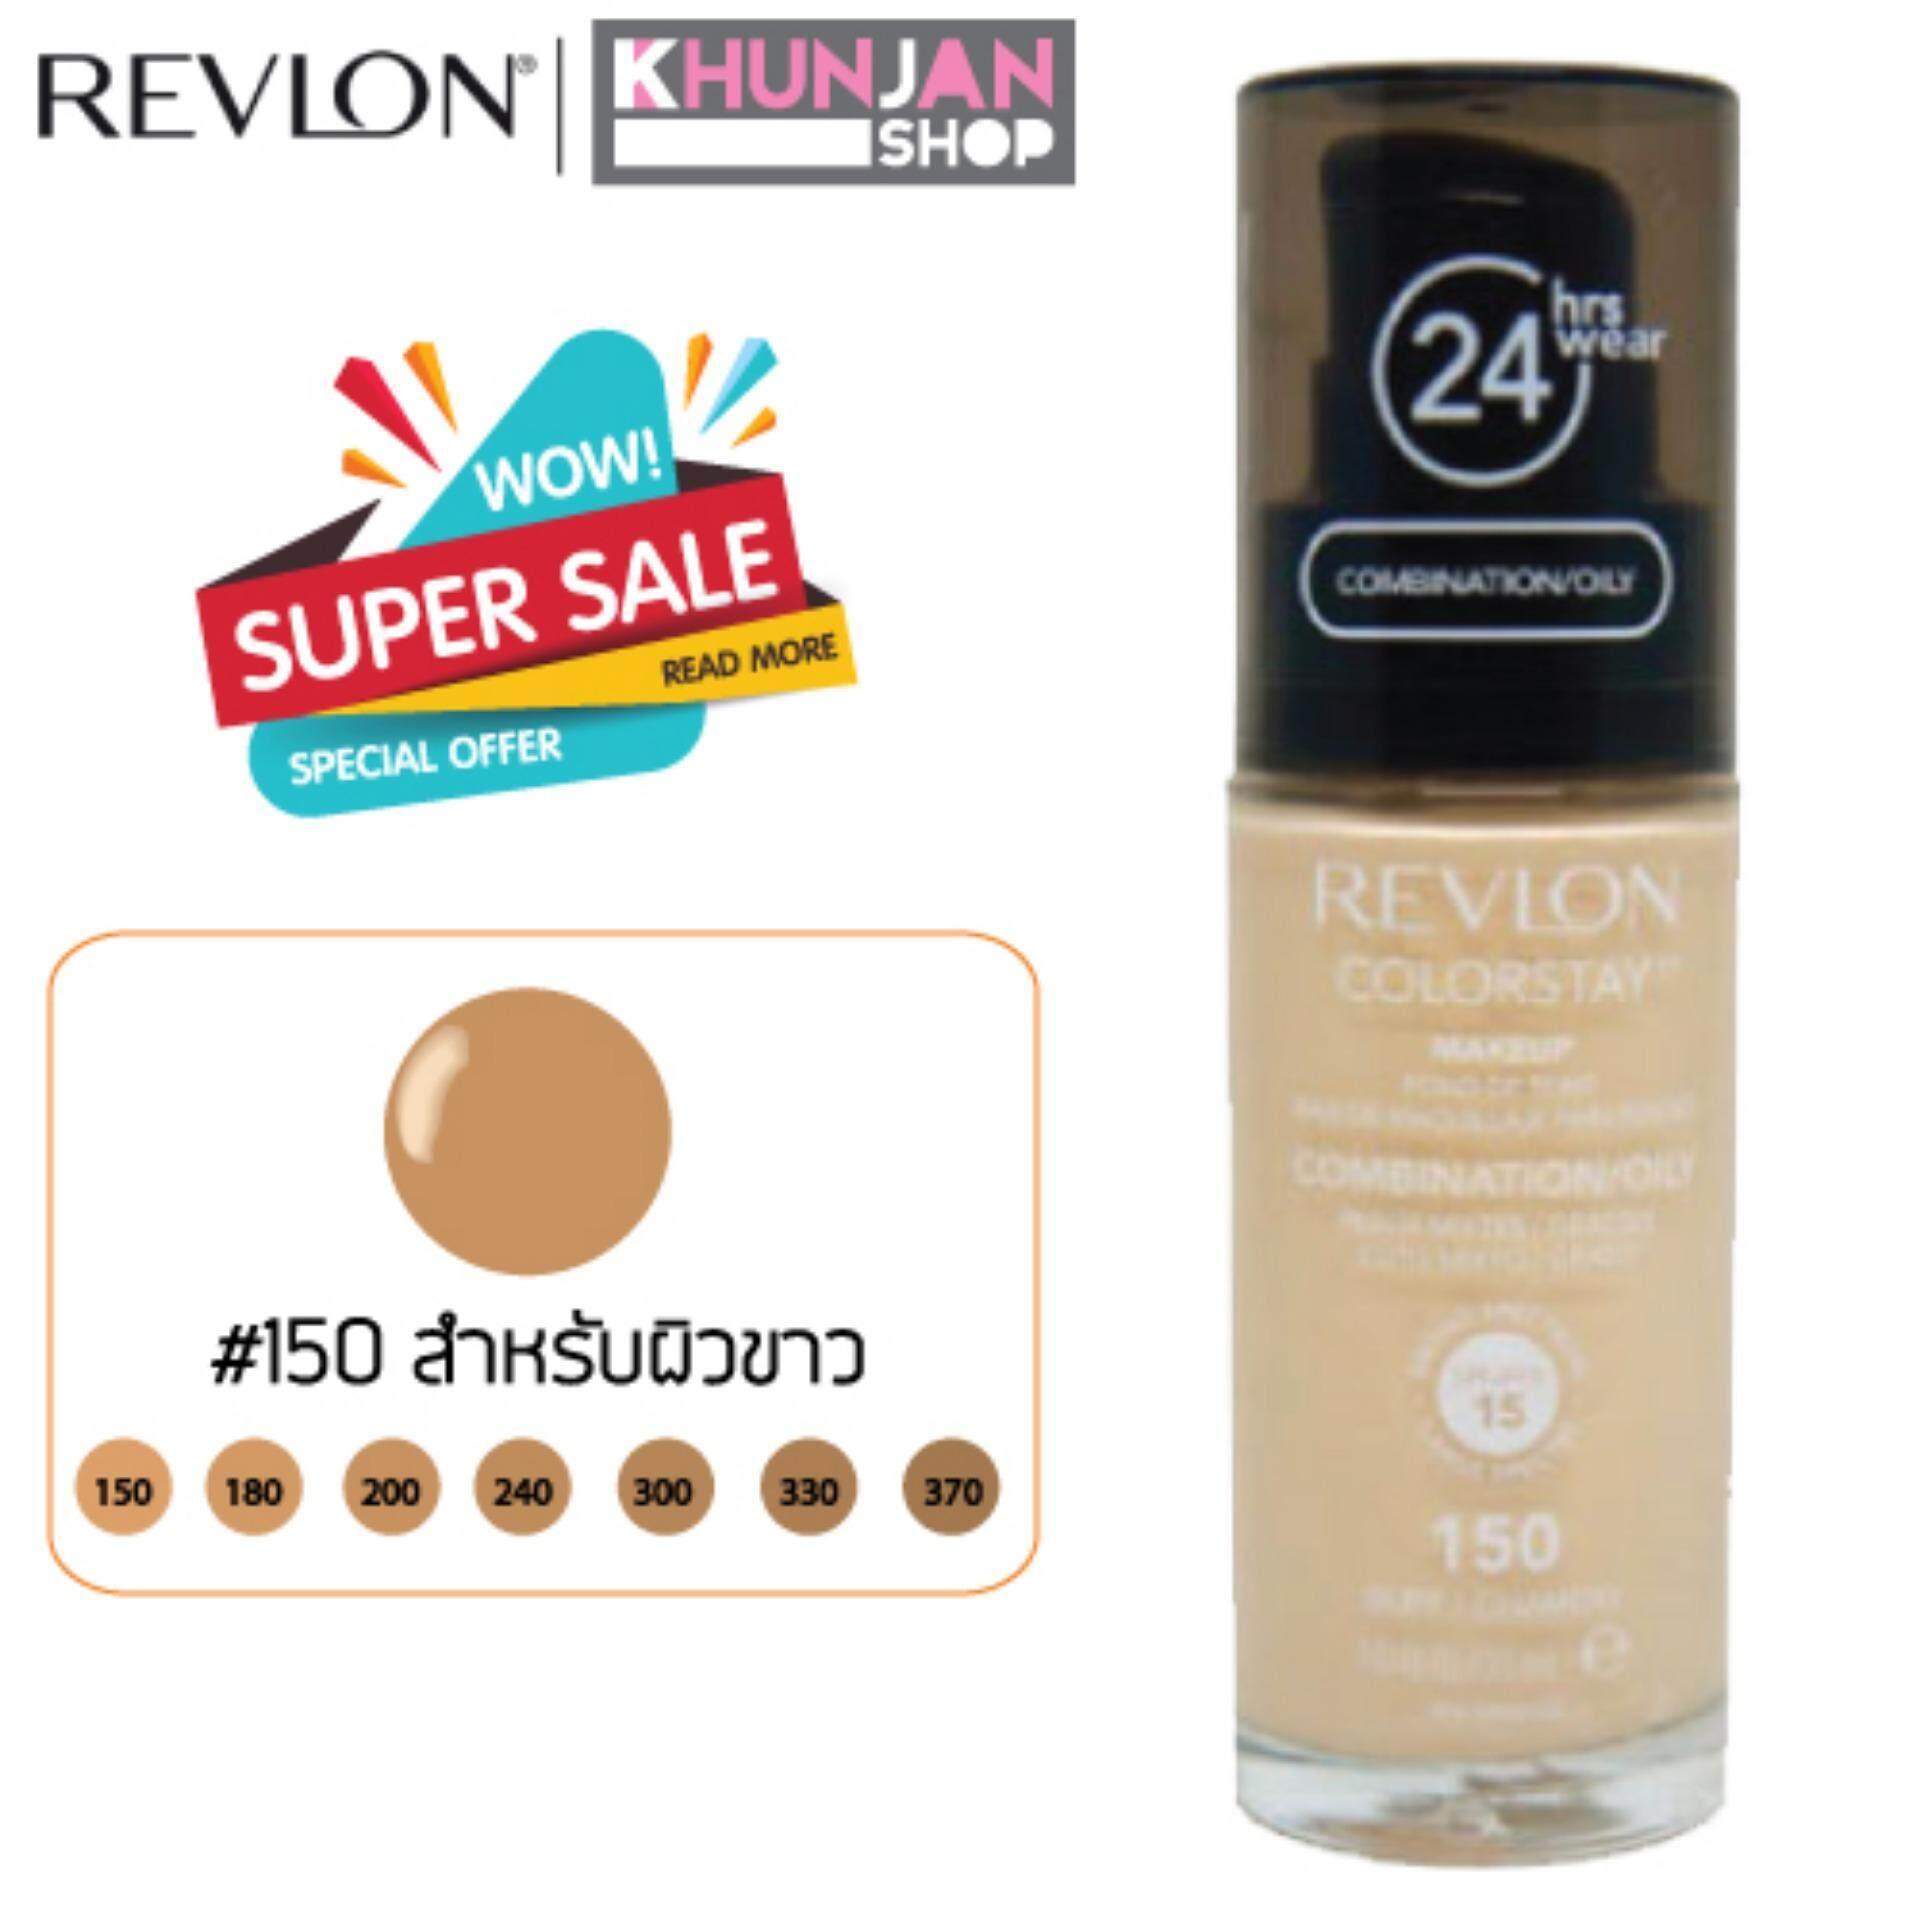 ซื้อ รองพื้นเรฟลอน Revlon Colorstay Foundation เบอร์ 150 Buff ผลิตปี2560 ใหม่